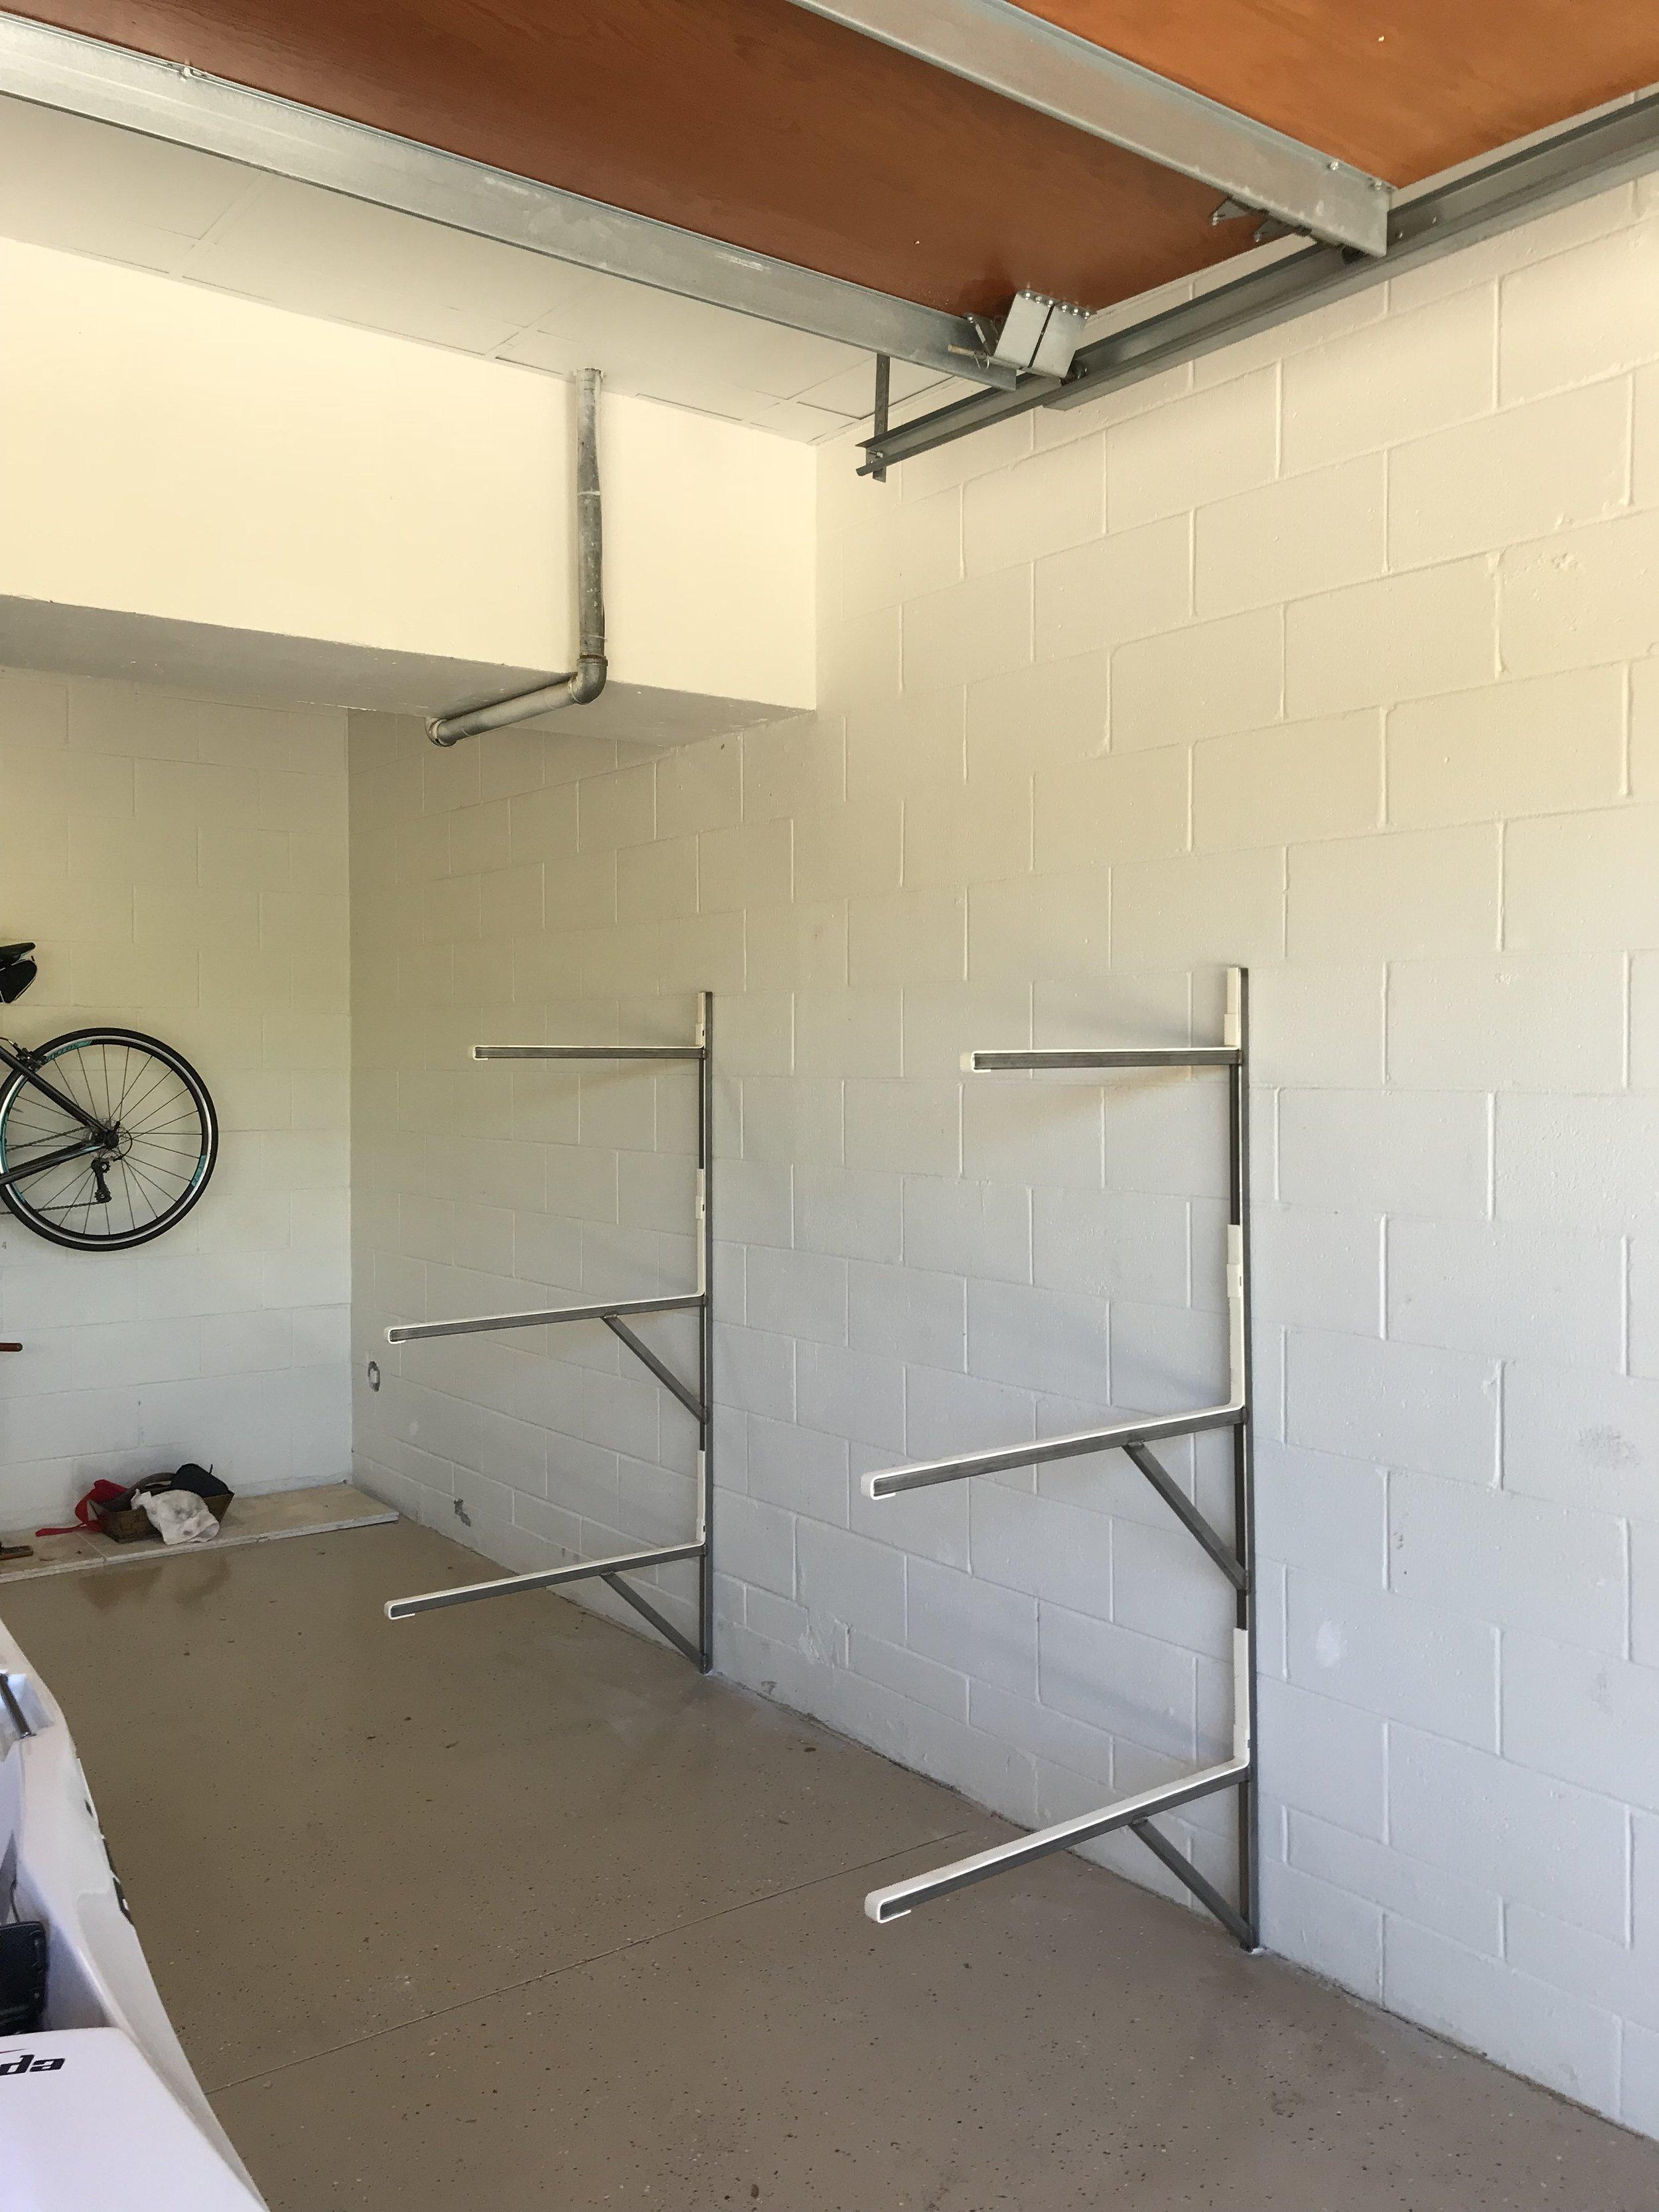 Racks - We custom built some racks to help our new customer store her new LiteSport+.